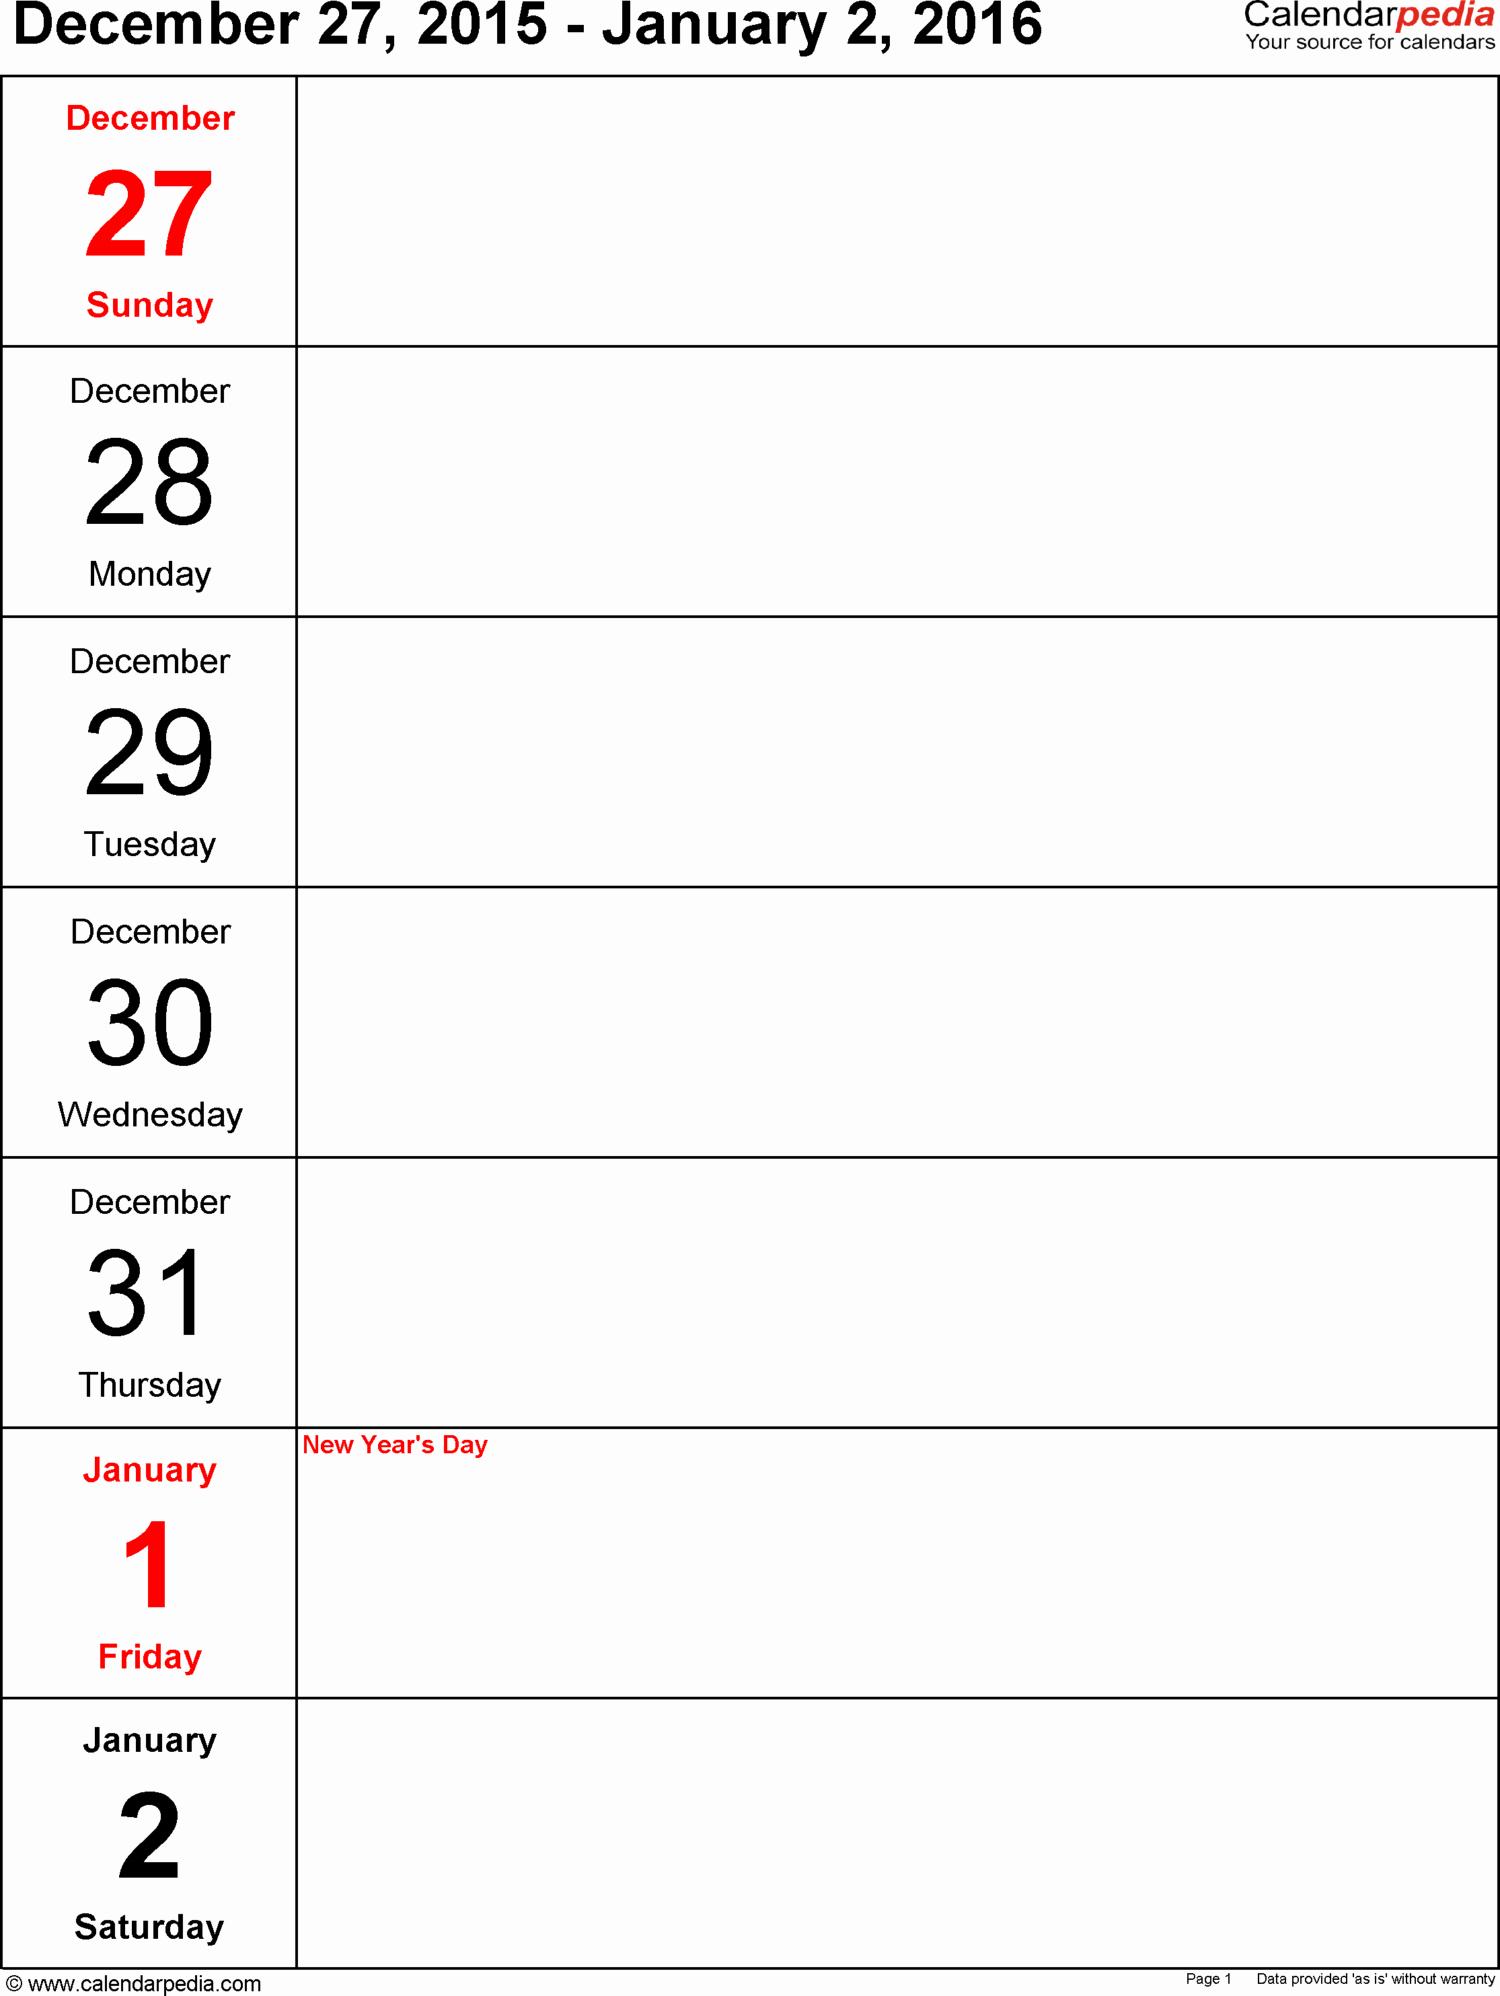 Powerpoint 2016 Calendar Template Best Of Powerpoint Calendar Templates 2016 Calendar